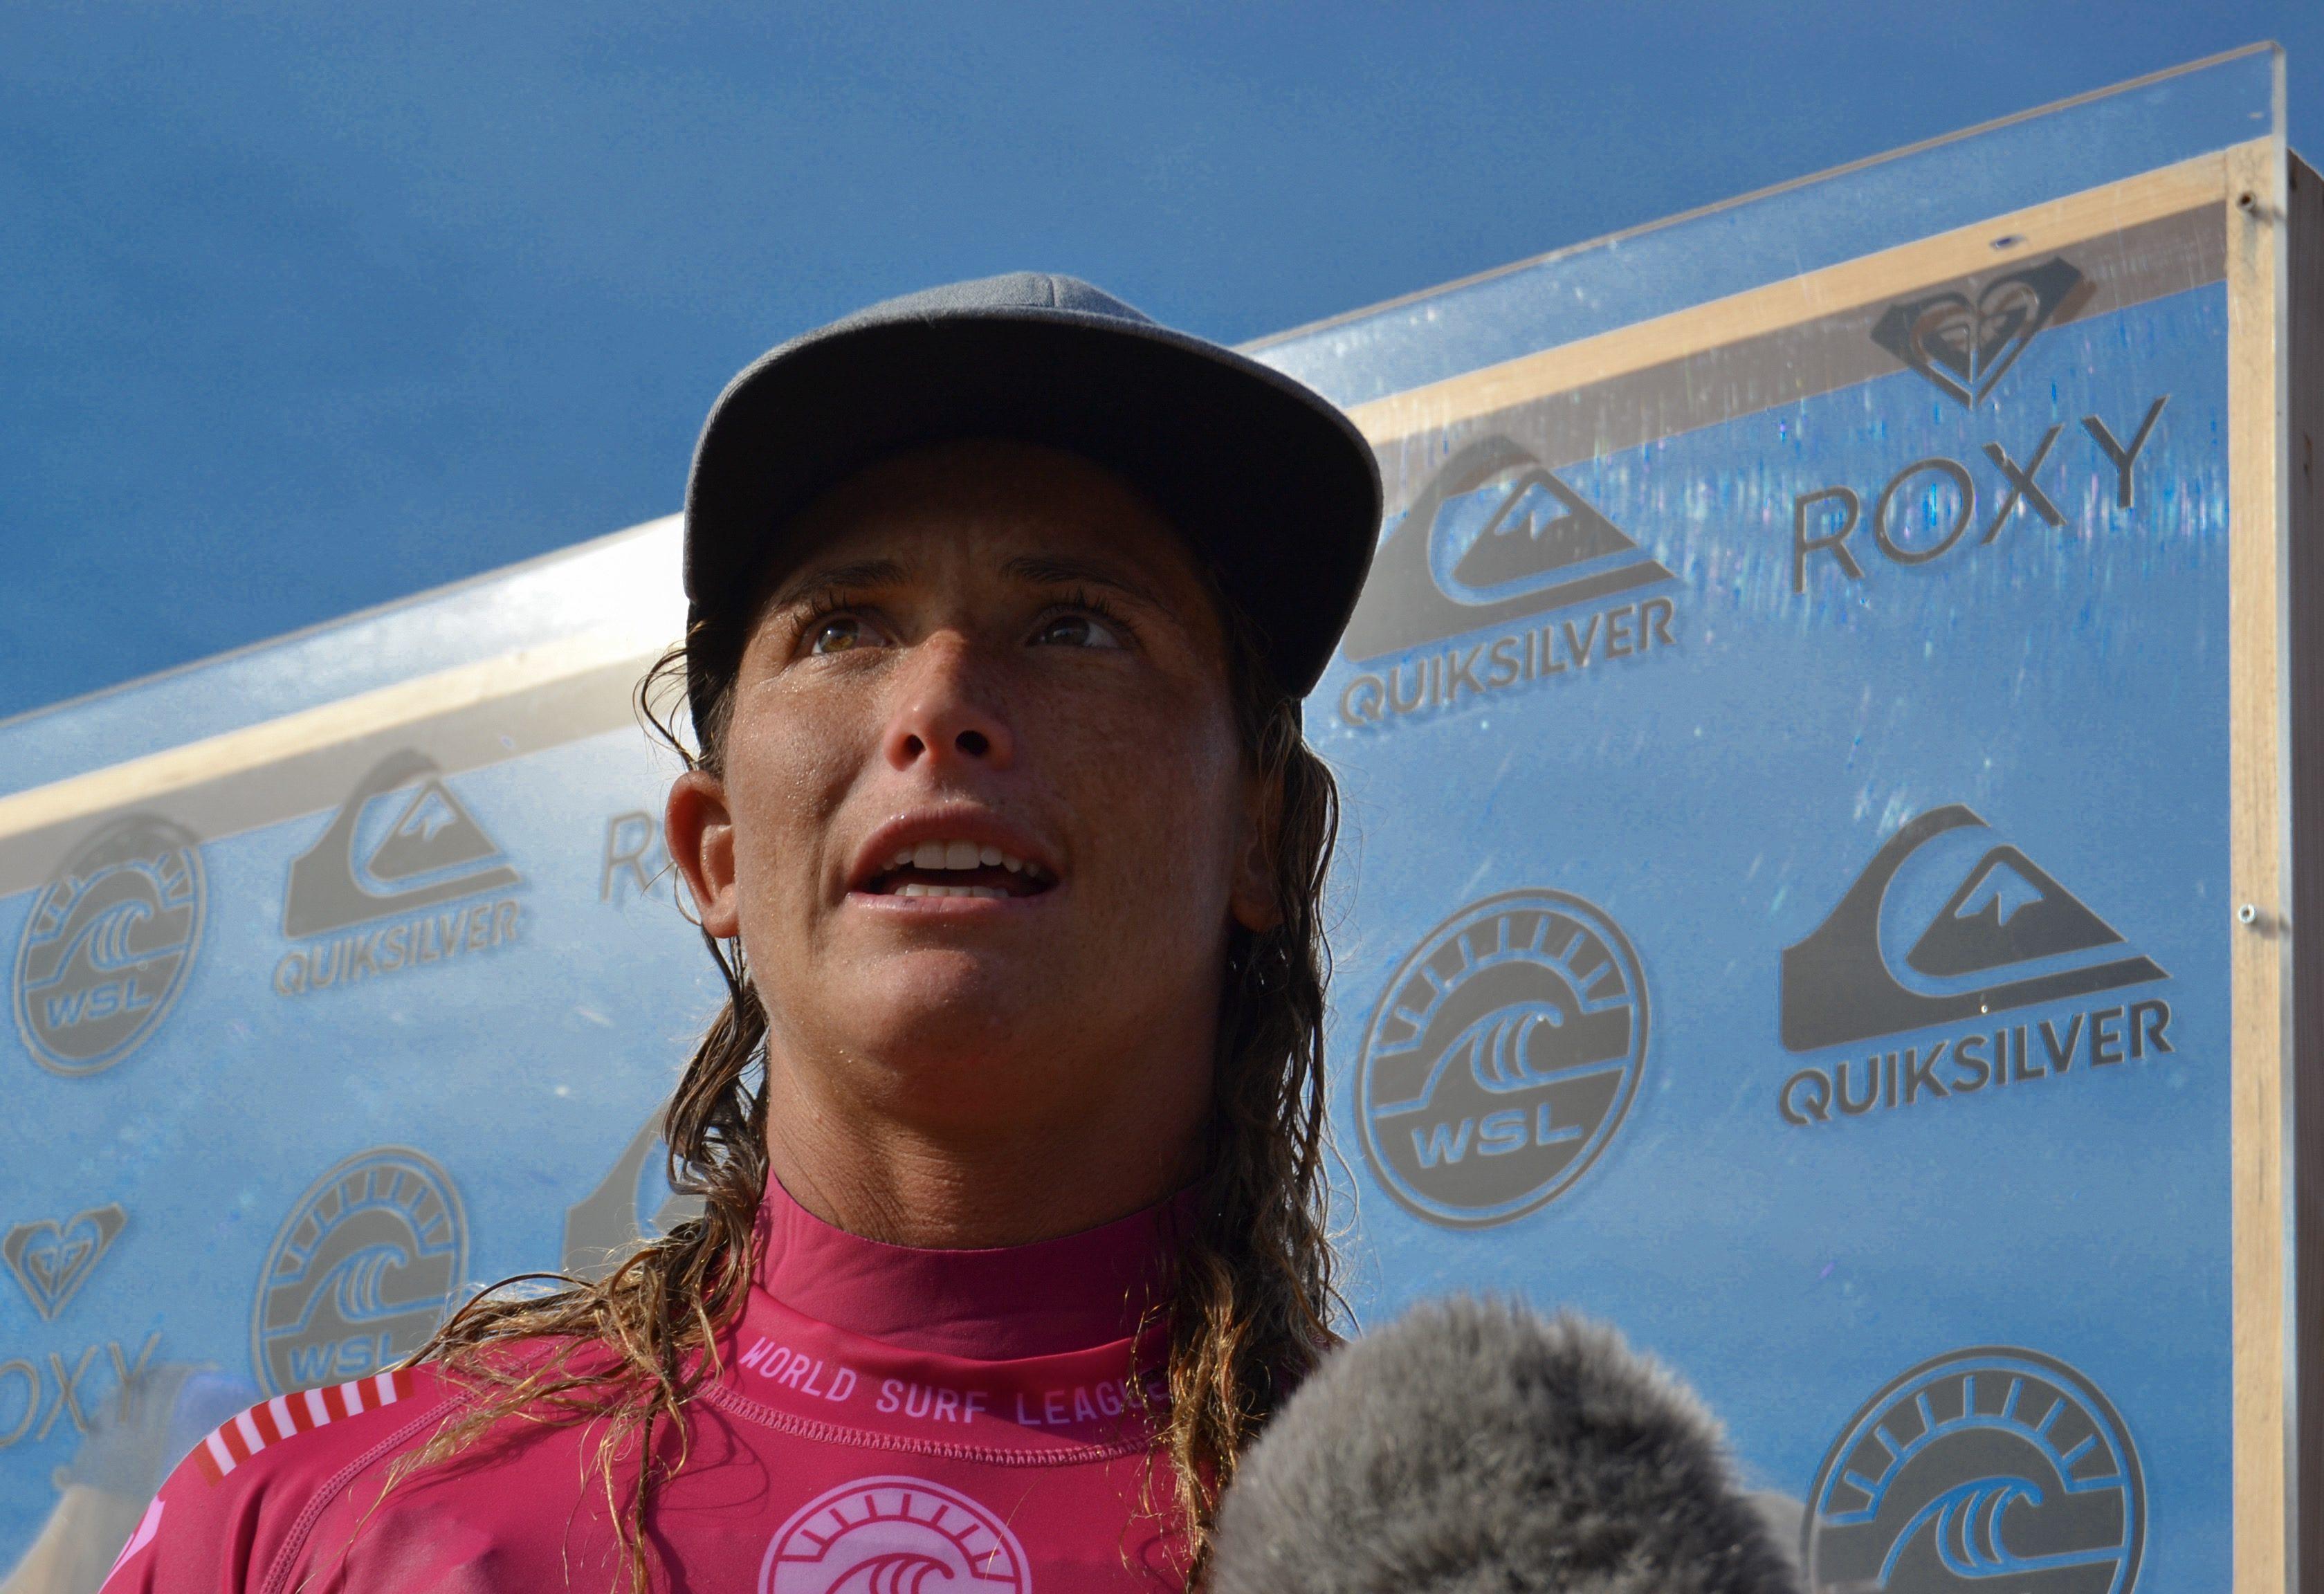 quiksilver-pro-france-roxy-pro-france-surf-quik-pro-roxy-pro-hossegor-presse-interview-conlogue-culs-nuls-landes-wsl-vagues-world-surf-league-les-ptits-touristes-blog-voyage